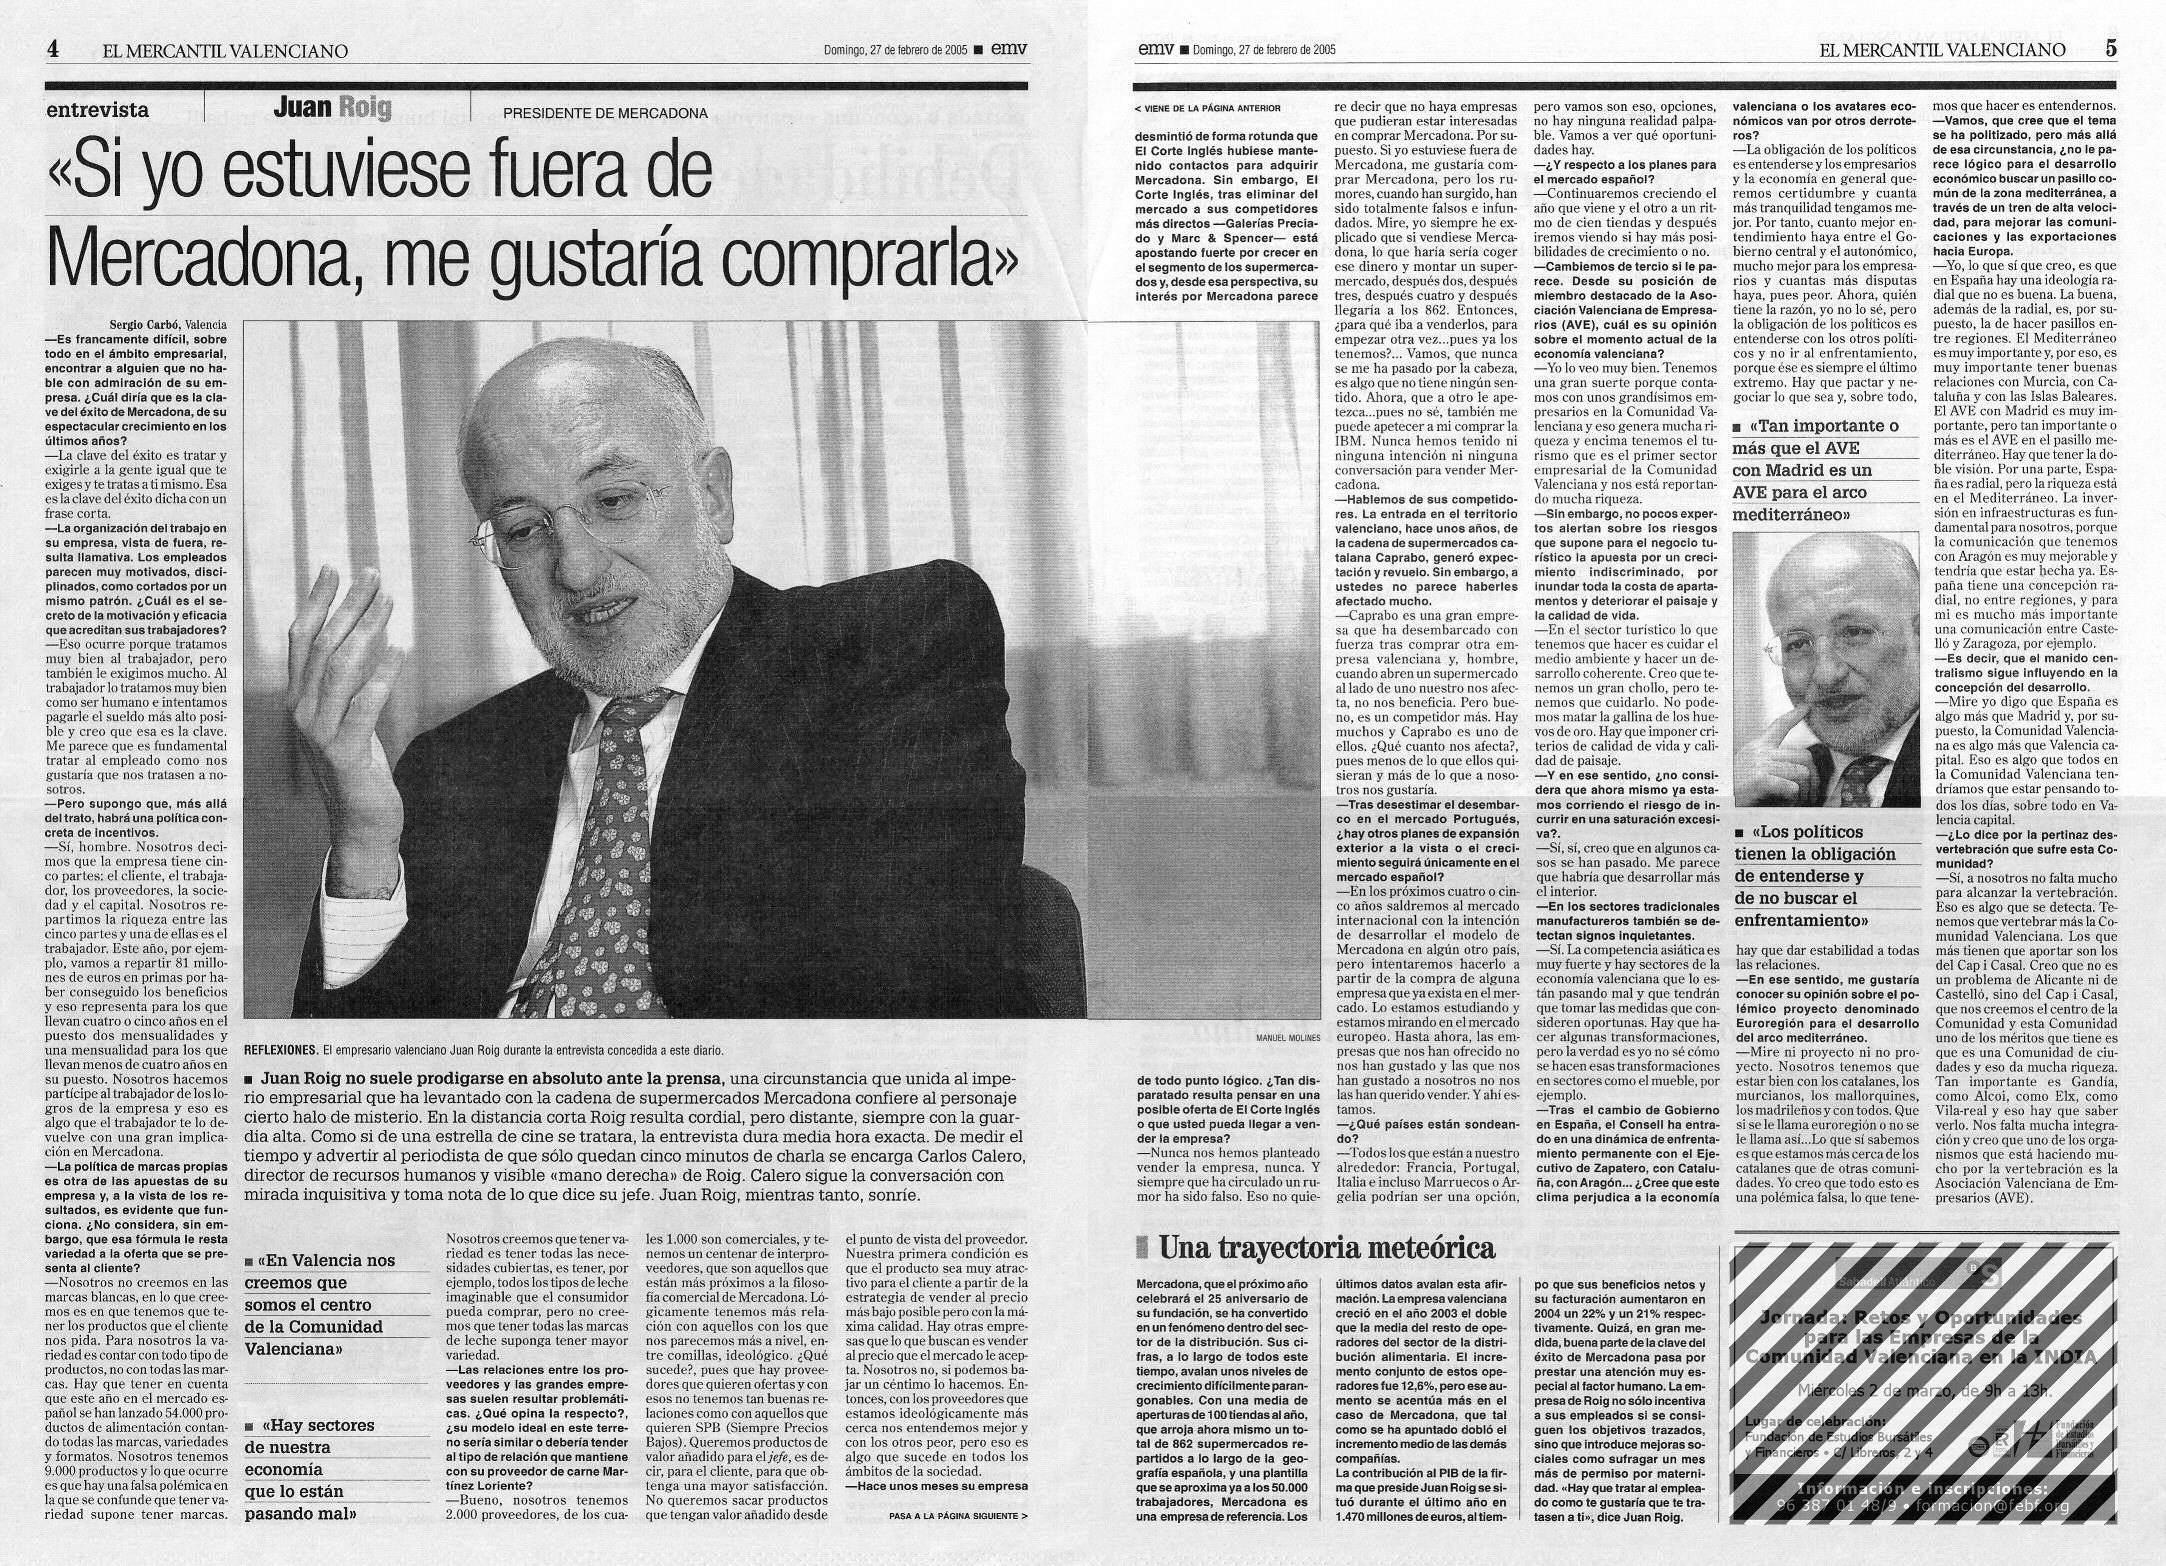 Mercadona by argonautas introducci n y noticias - Periodico levante el mercantil valenciano ...